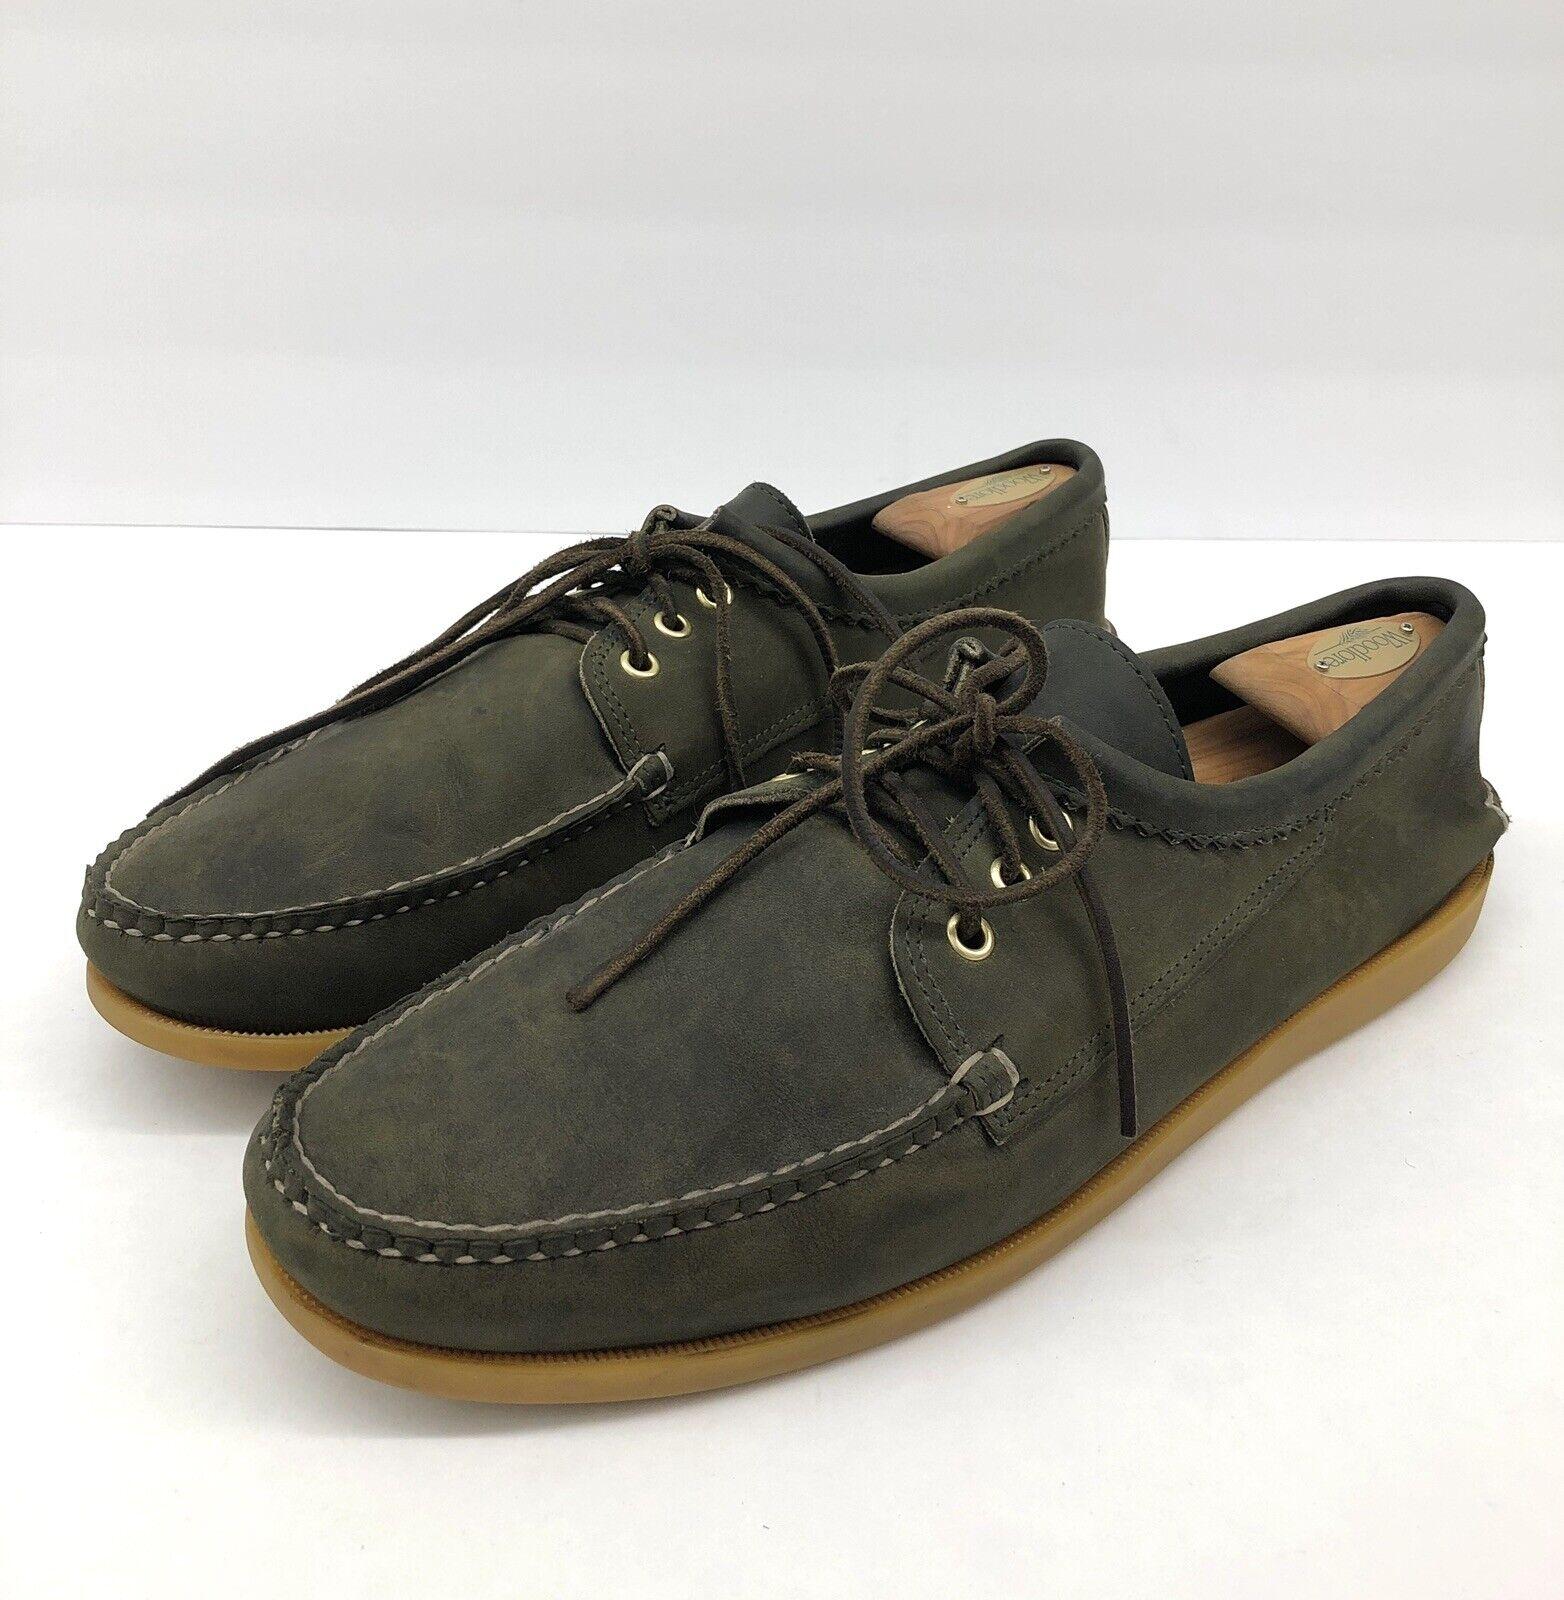 QUODDY Blücher HH en Daim Vert Camp Semelle Lacets Mocassin chaussures hommes 13.5 C